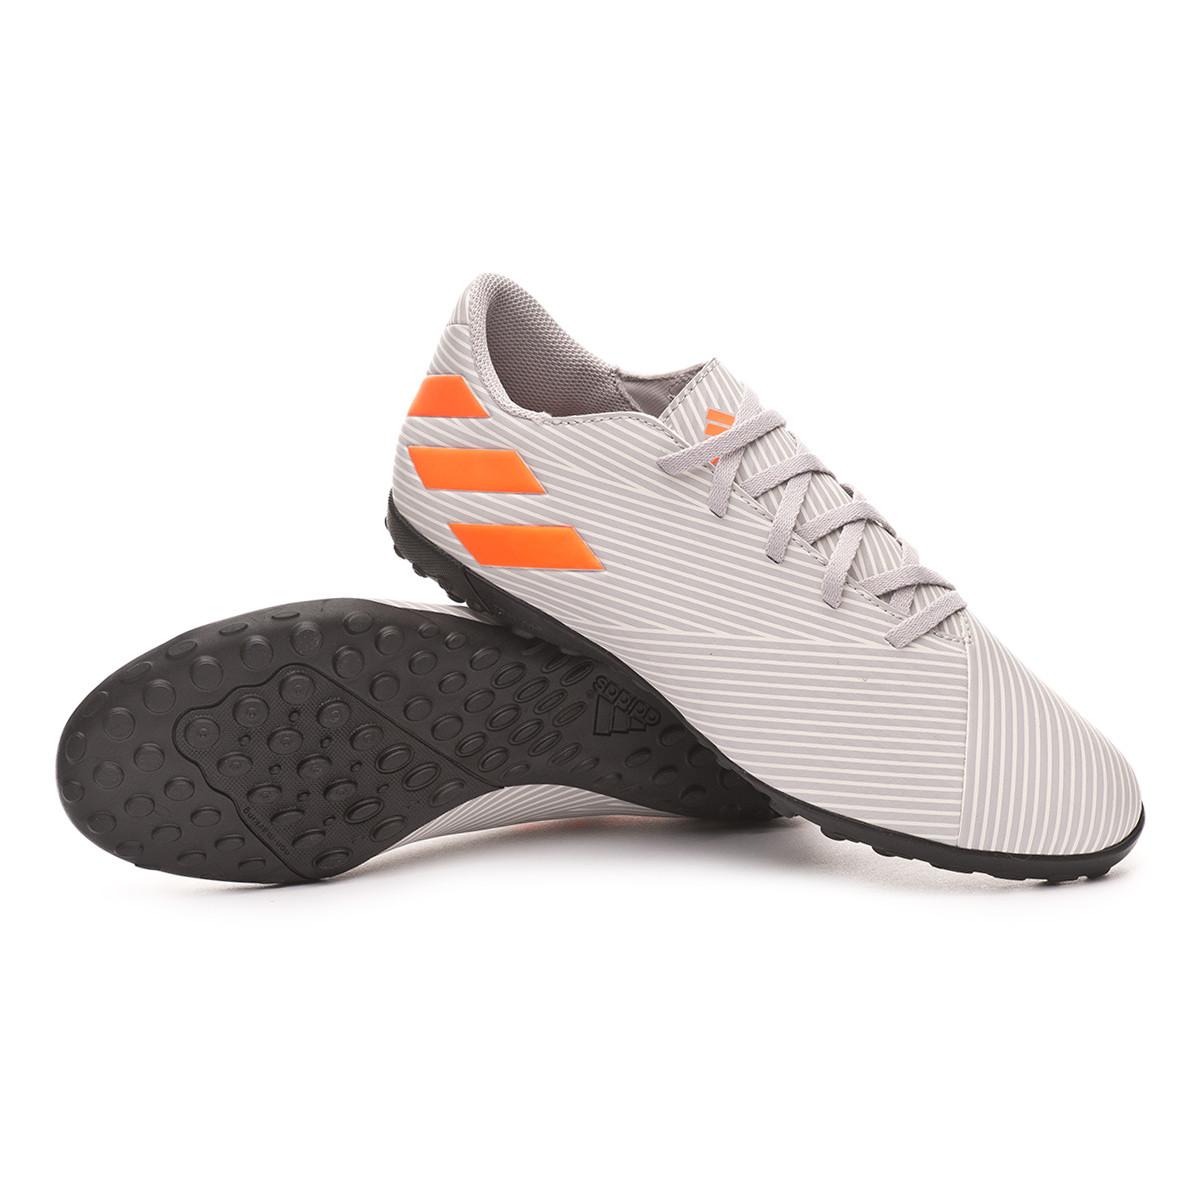 zapatos adidas precio ecuador uruguay 753